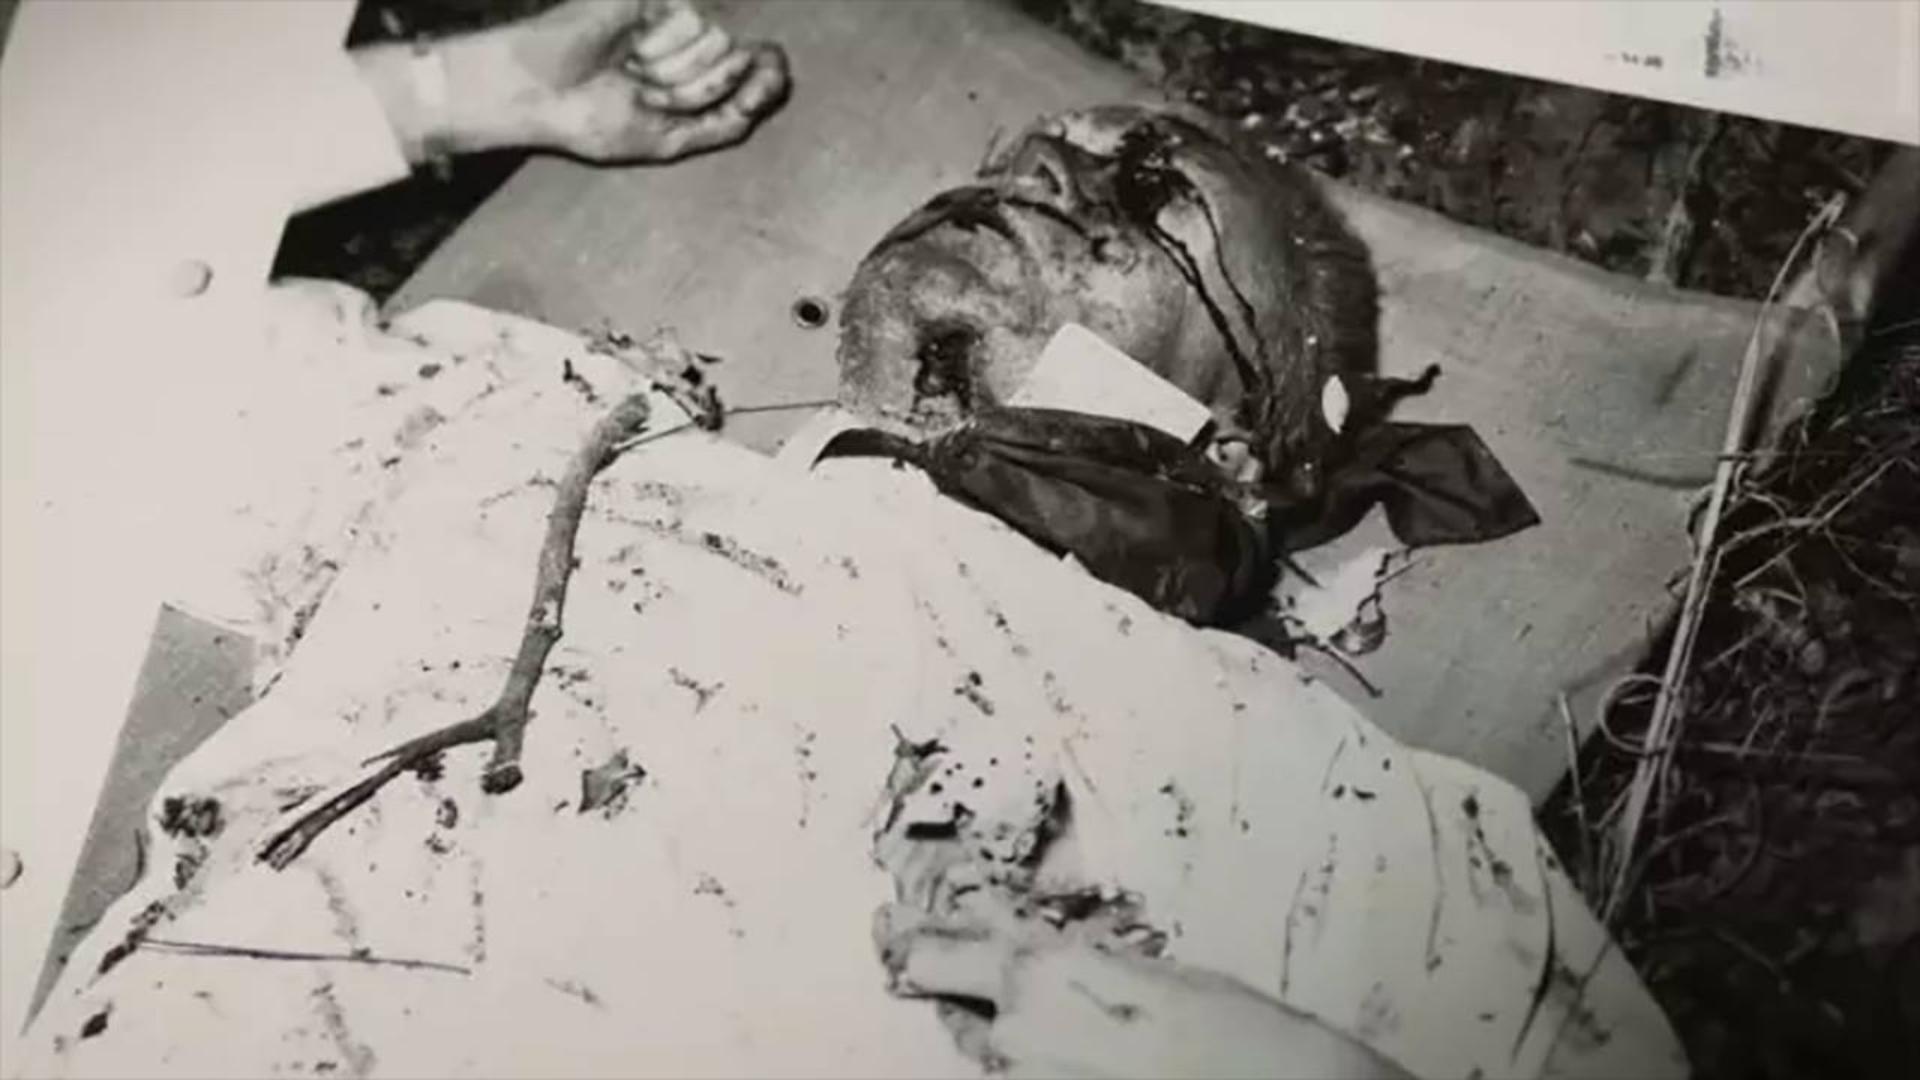 豆瓣8.2分,世纪谋杀悬案,全世界都不许讨论,却被他拍成纪录片